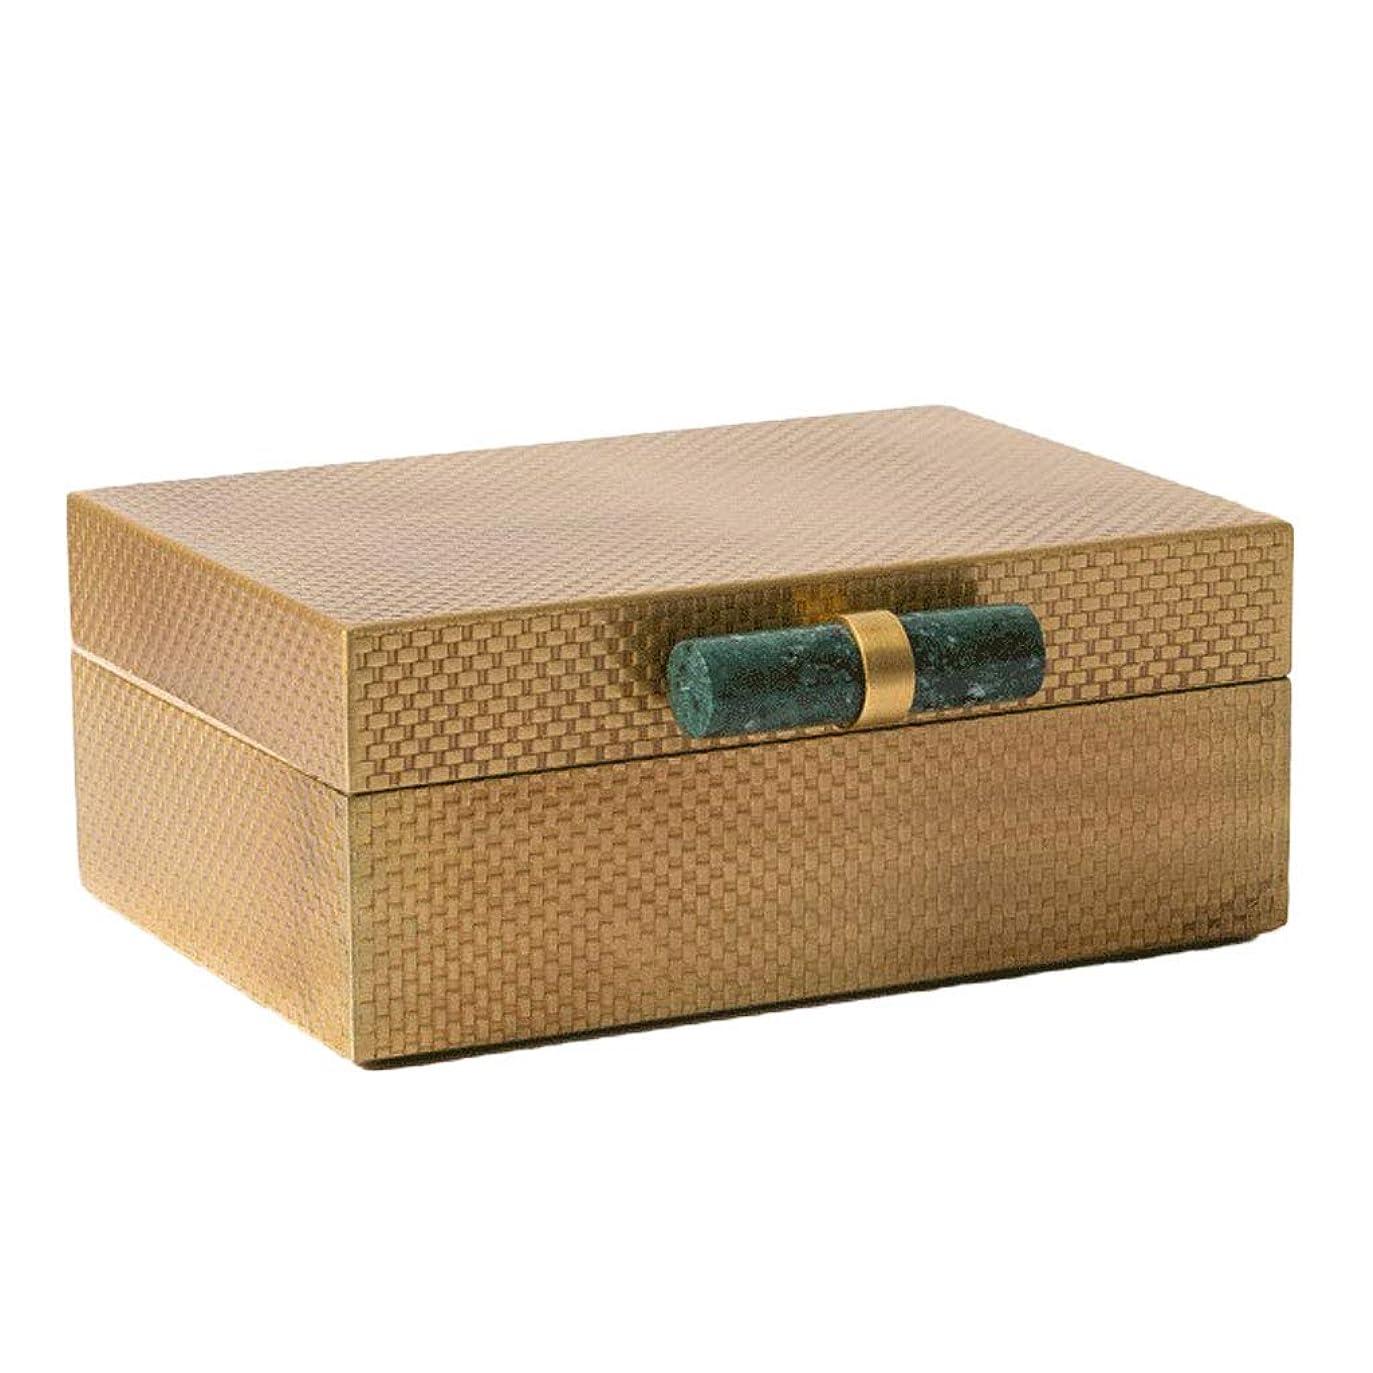 参照するオッズバターペットの火葬壷、大理石のペット壷、灰、ペットの記念碑、中小ペット